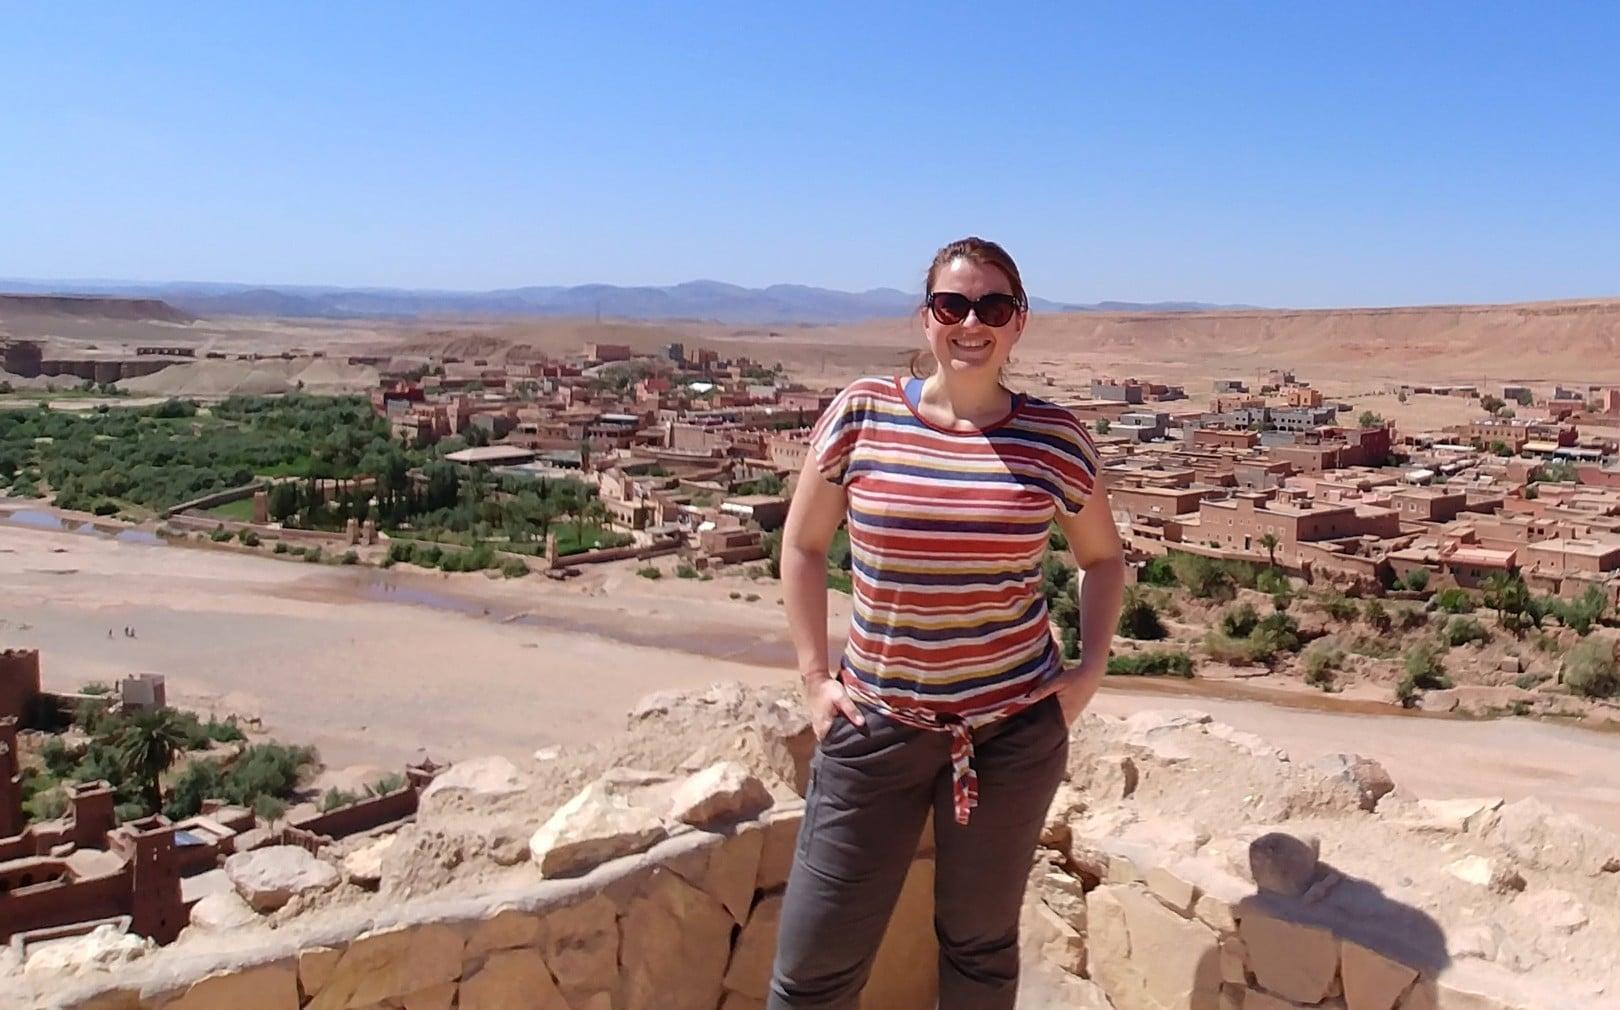 Maroc - Perchée sur les hauteurs du ksar d'Ait Ben Haddou, classé au patrimoine mondial de l'UNESCO